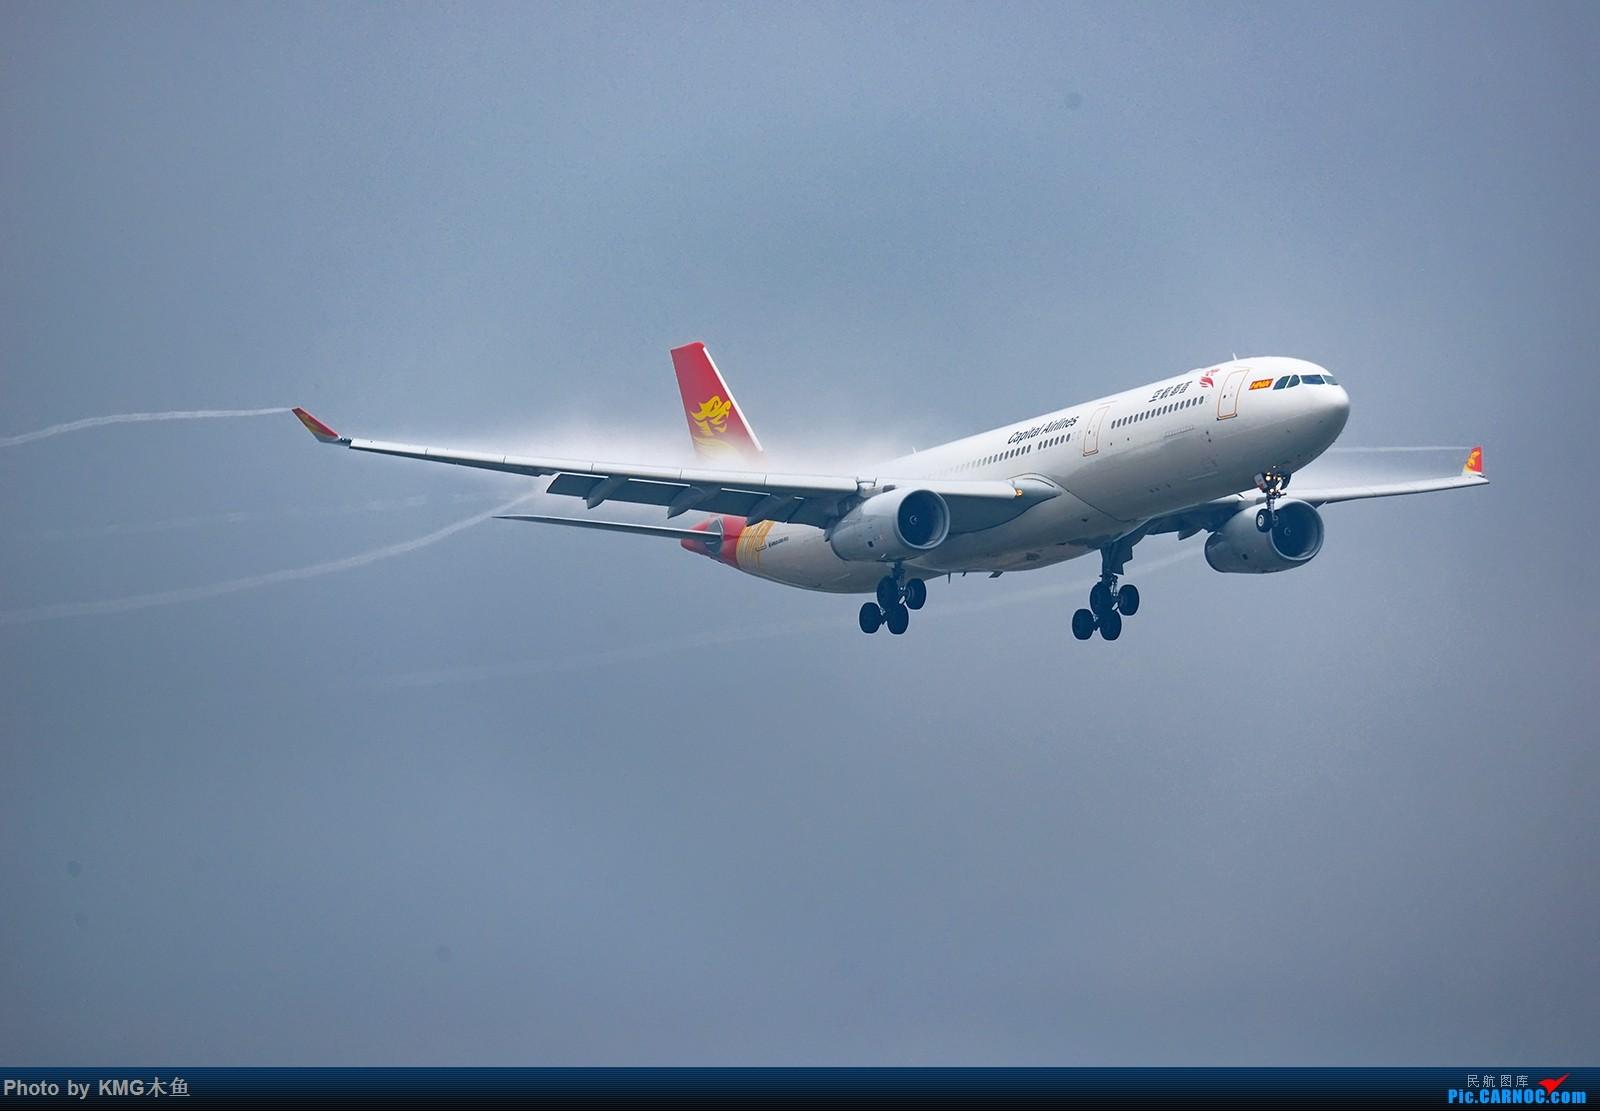 [原创]【昆明长水国际机场——KMG木鱼拍机】昆明接二连三的阴雨天,形成了好货烂天有,烂天必有好货的奇特现象,最后一张图亮了 AIRBUS A330-300 B-8678 中国昆明长水国际机场